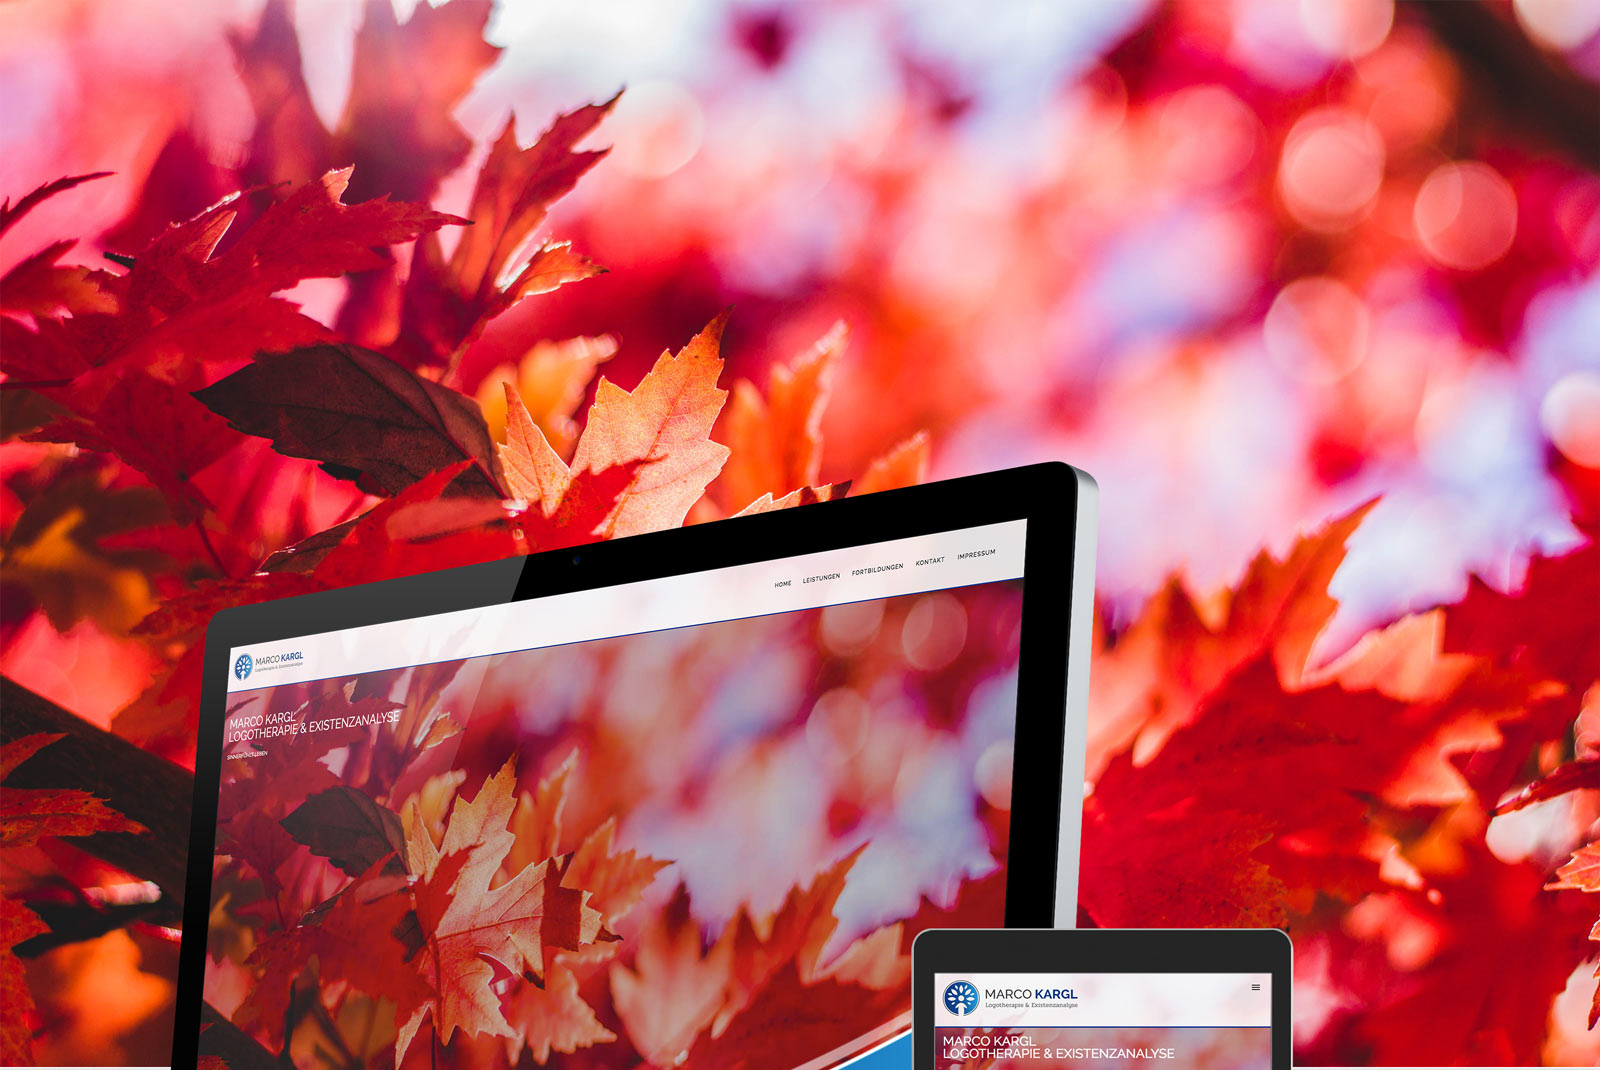 Marco_Kargl_Webdesign_1.jpg